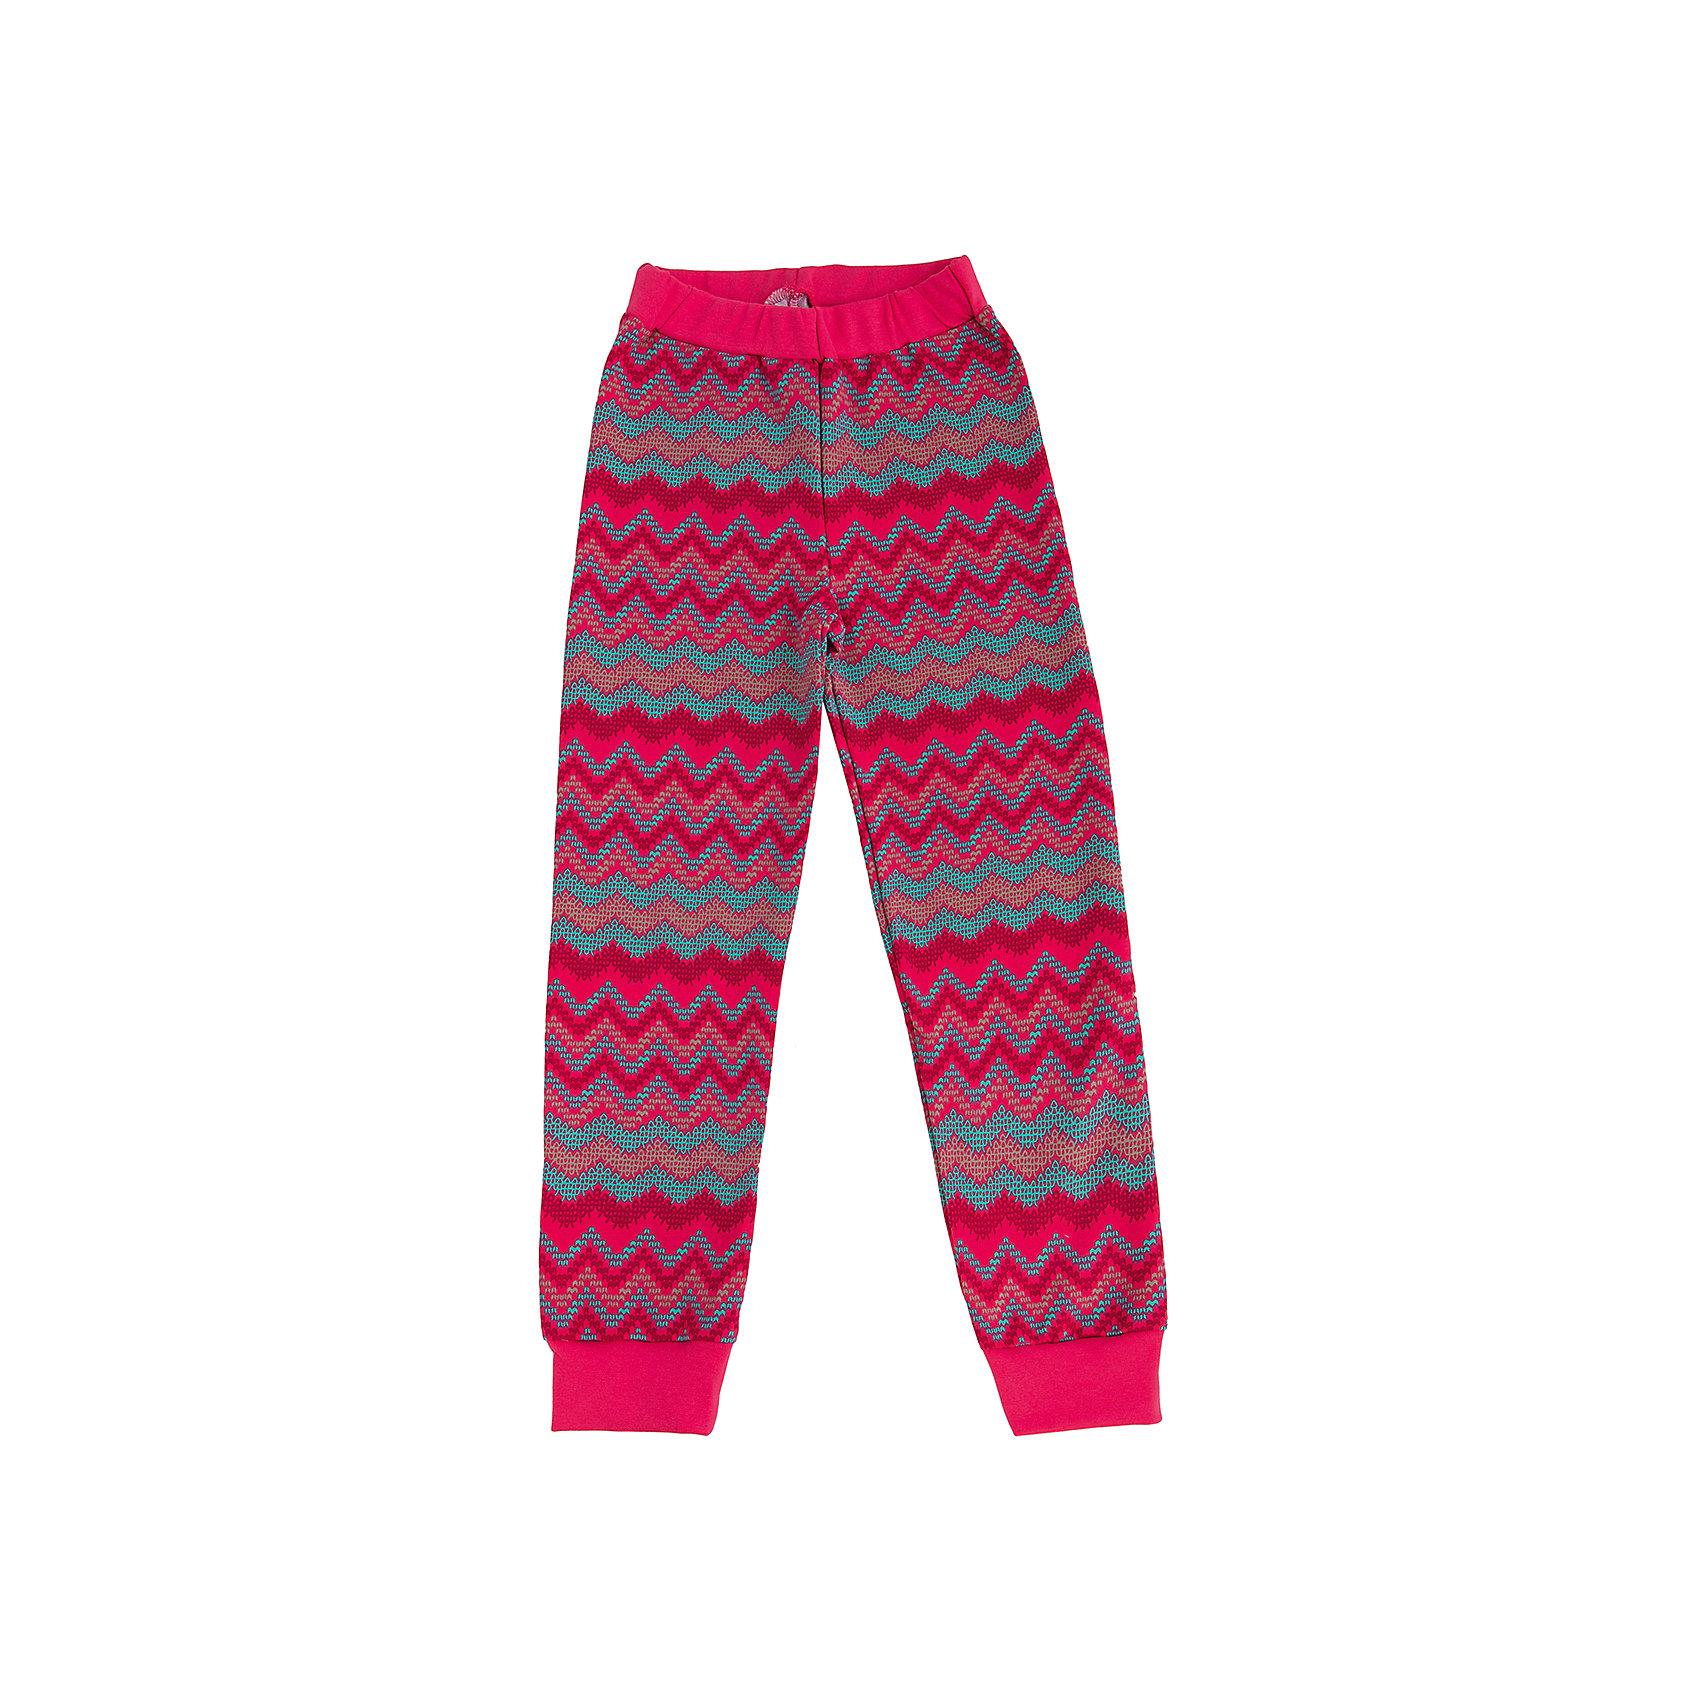 Брюки для девочки АпрельБрюки<br>Оригинальный дизайн и модная расцветка брюк для девочки от торговой марки  Апрель делают их просто незаменимым предметом детского гардероб.  Брюки имеют эластичный пояс, по низу манжеты, декорированы контрастными врезными карманами. <br><br>Дополнительная информация:<br> <br>- состав: 95% хлопок, 5% лайкра<br>- ткань: футер петельчатый<br>- цвет: коралловый  серый <br>- фирма-производитель: Апрель<br>- страна-производитель: Россия<br>- коллекция: Веселые совы<br><br>Брюки коллекции Веселые совы для девочки от торговой марки  Апрель можно купить в нашем интернет-магазине.<br><br>Ширина мм: 215<br>Глубина мм: 88<br>Высота мм: 191<br>Вес г: 336<br>Цвет: коралловый<br>Возраст от месяцев: 36<br>Возраст до месяцев: 48<br>Пол: Женский<br>Возраст: Детский<br>Размер: 104,128,116,110,122,92,98<br>SKU: 4630350